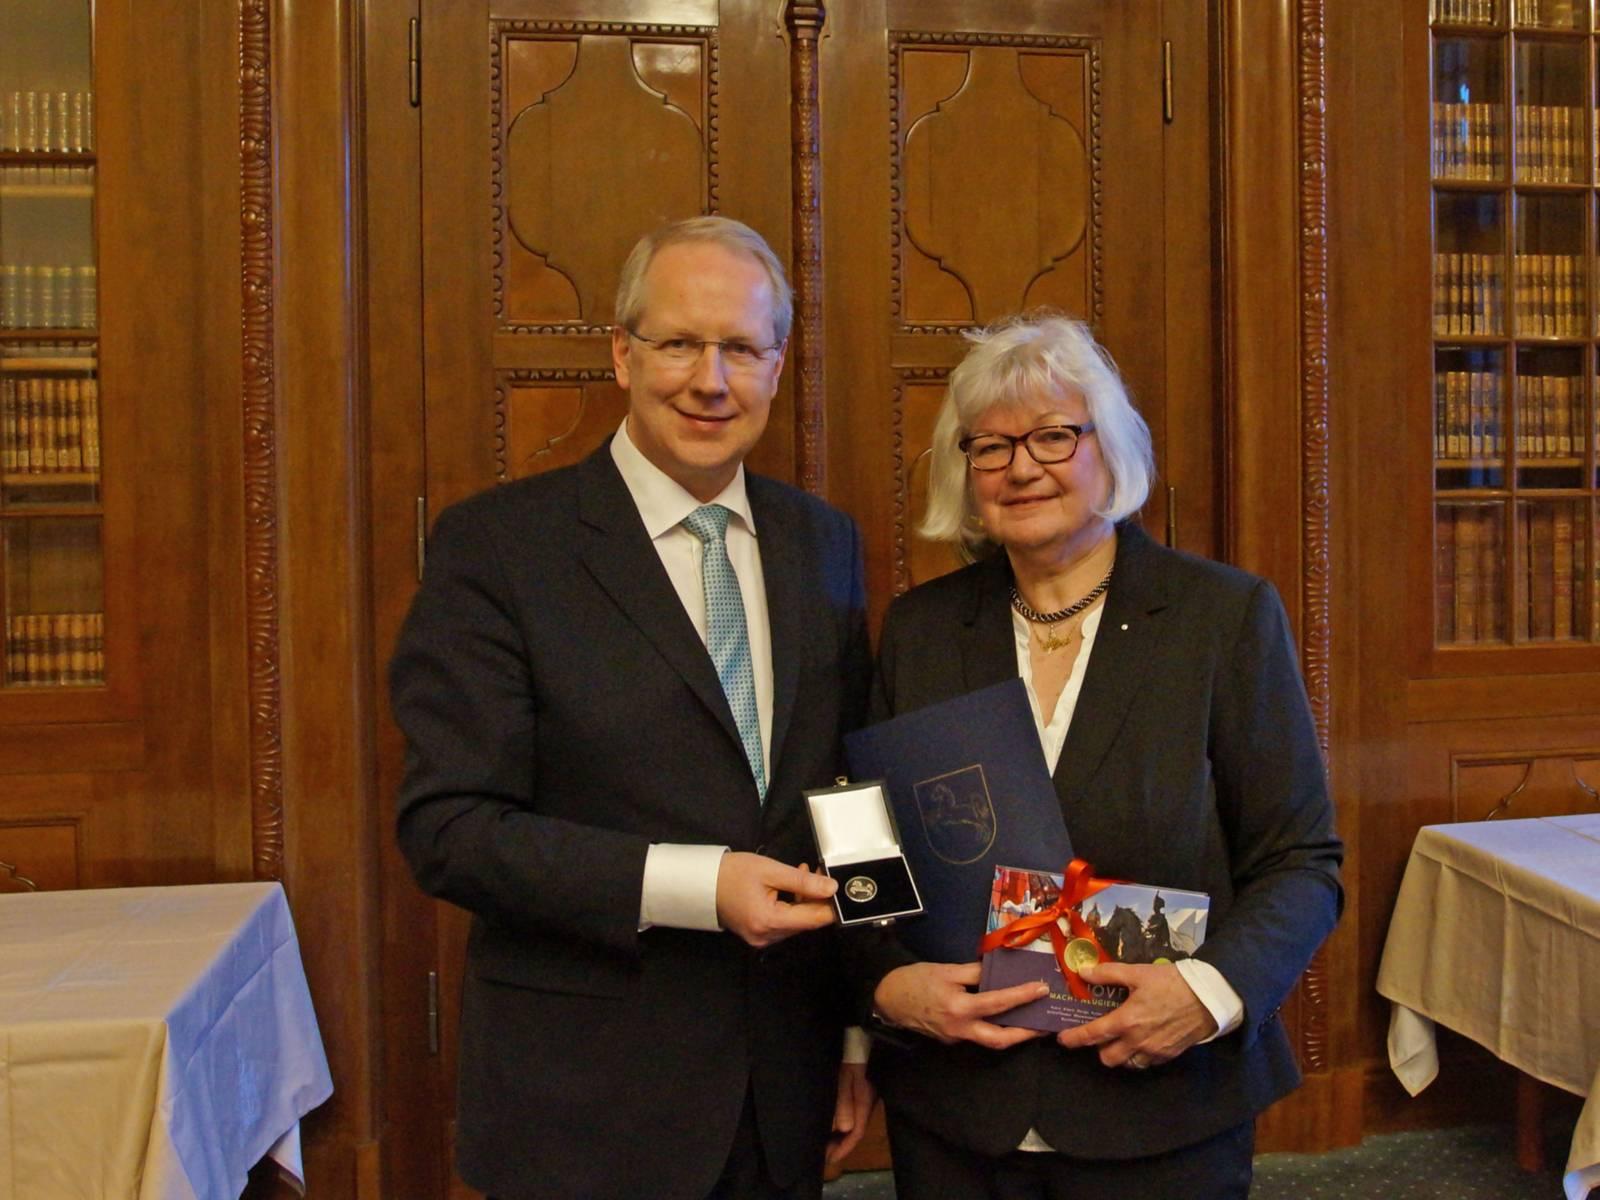 Ein Mann und eine Frau mit einer Auszeichnung.